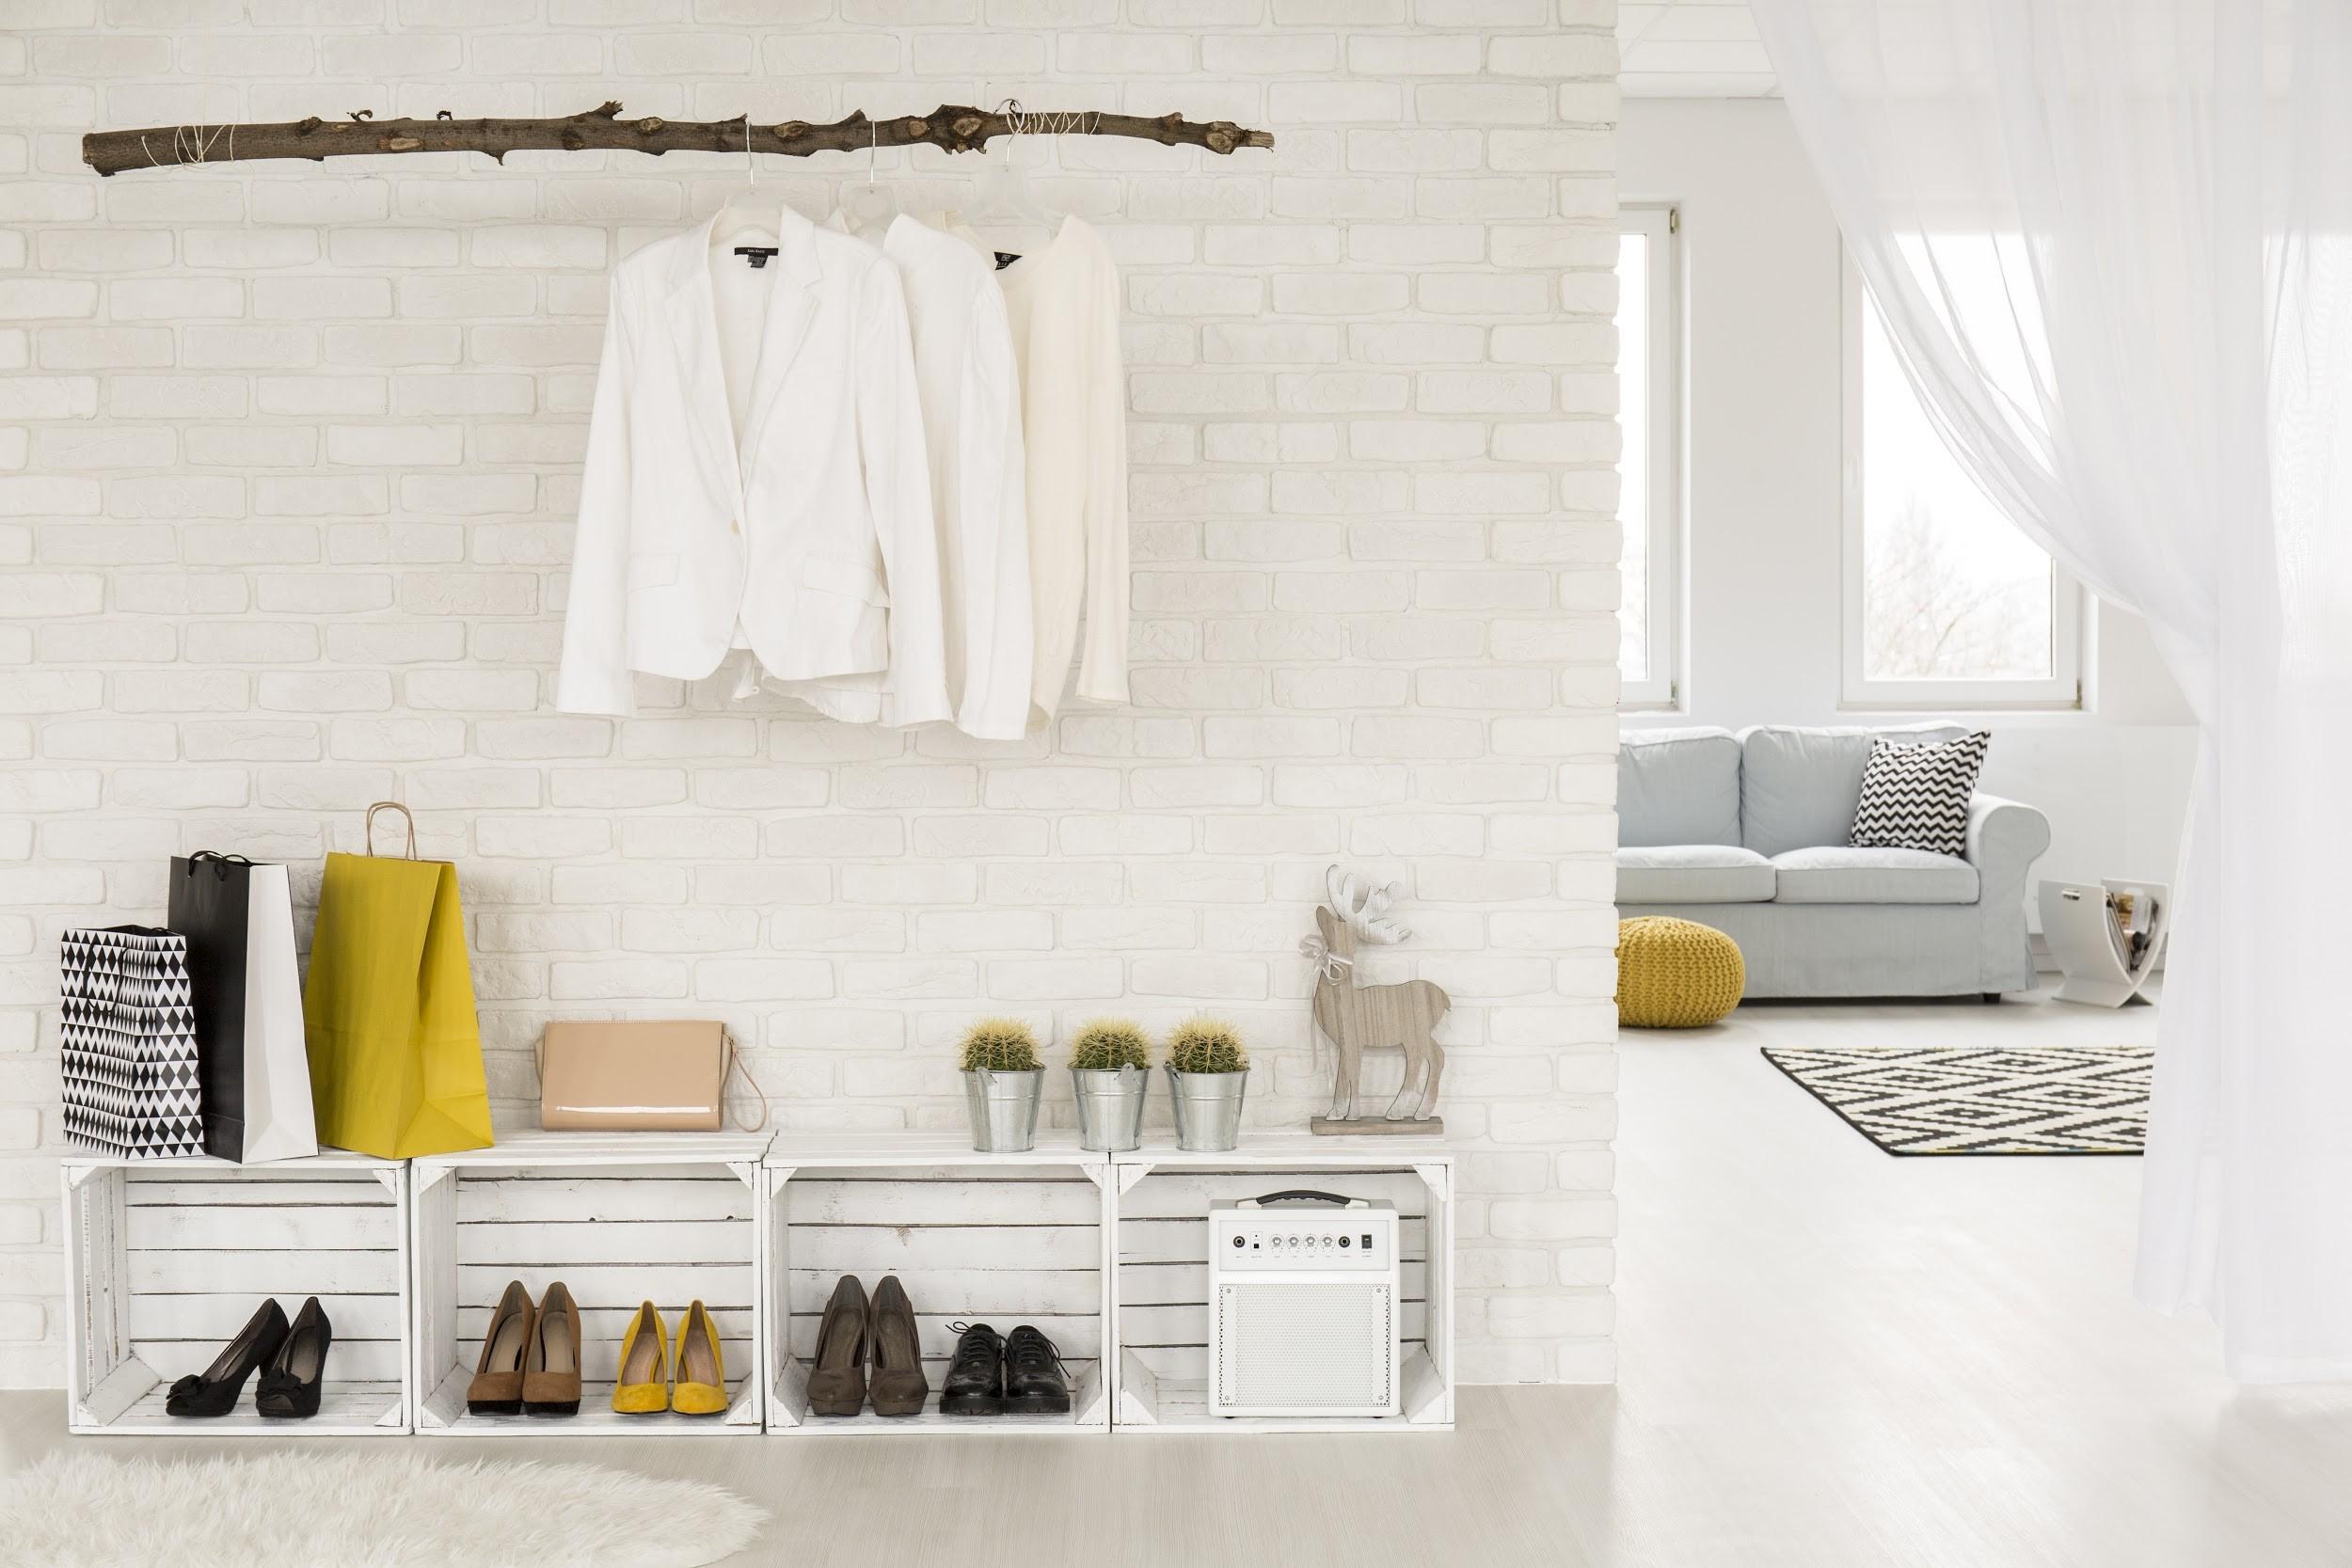 Não deixes roupas espalhadas pela casa